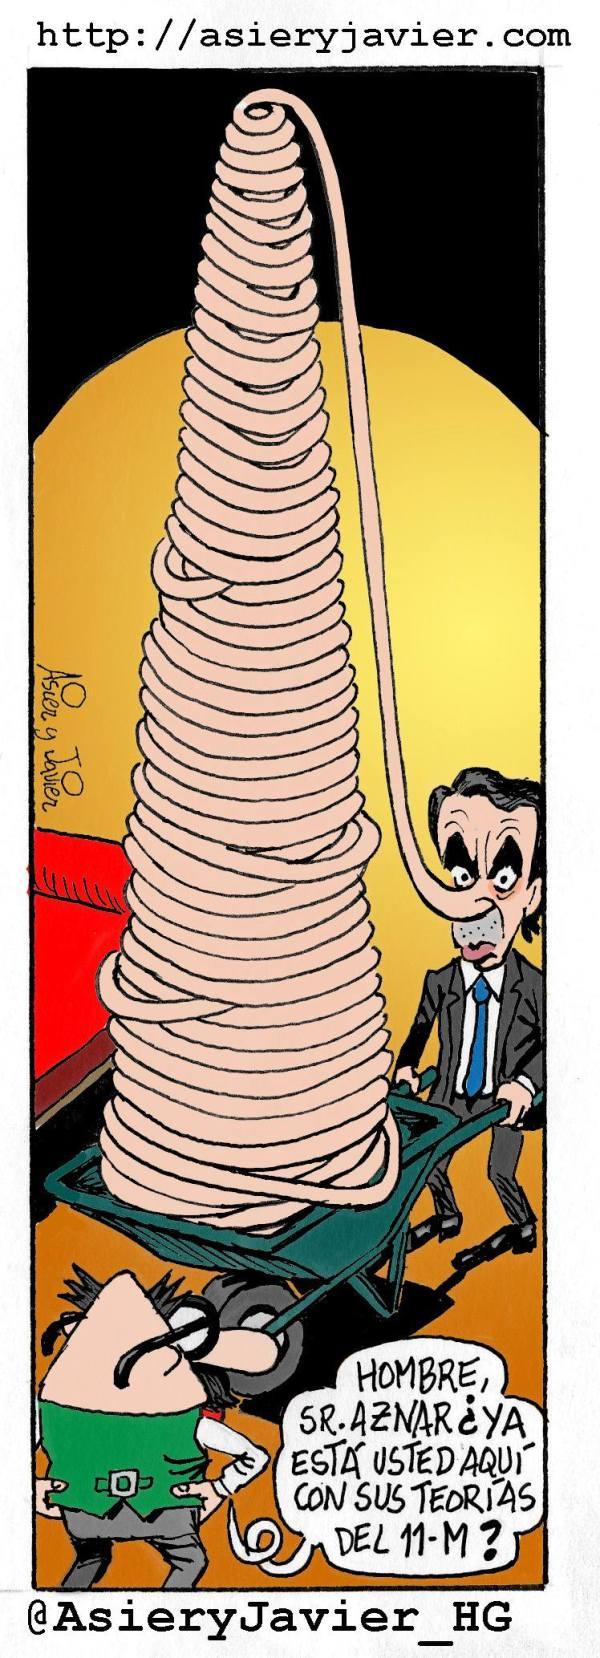 Como todos los meses de marzo, el expresidente Aznar visita al doctor Txok. Caricatura, viñeta.